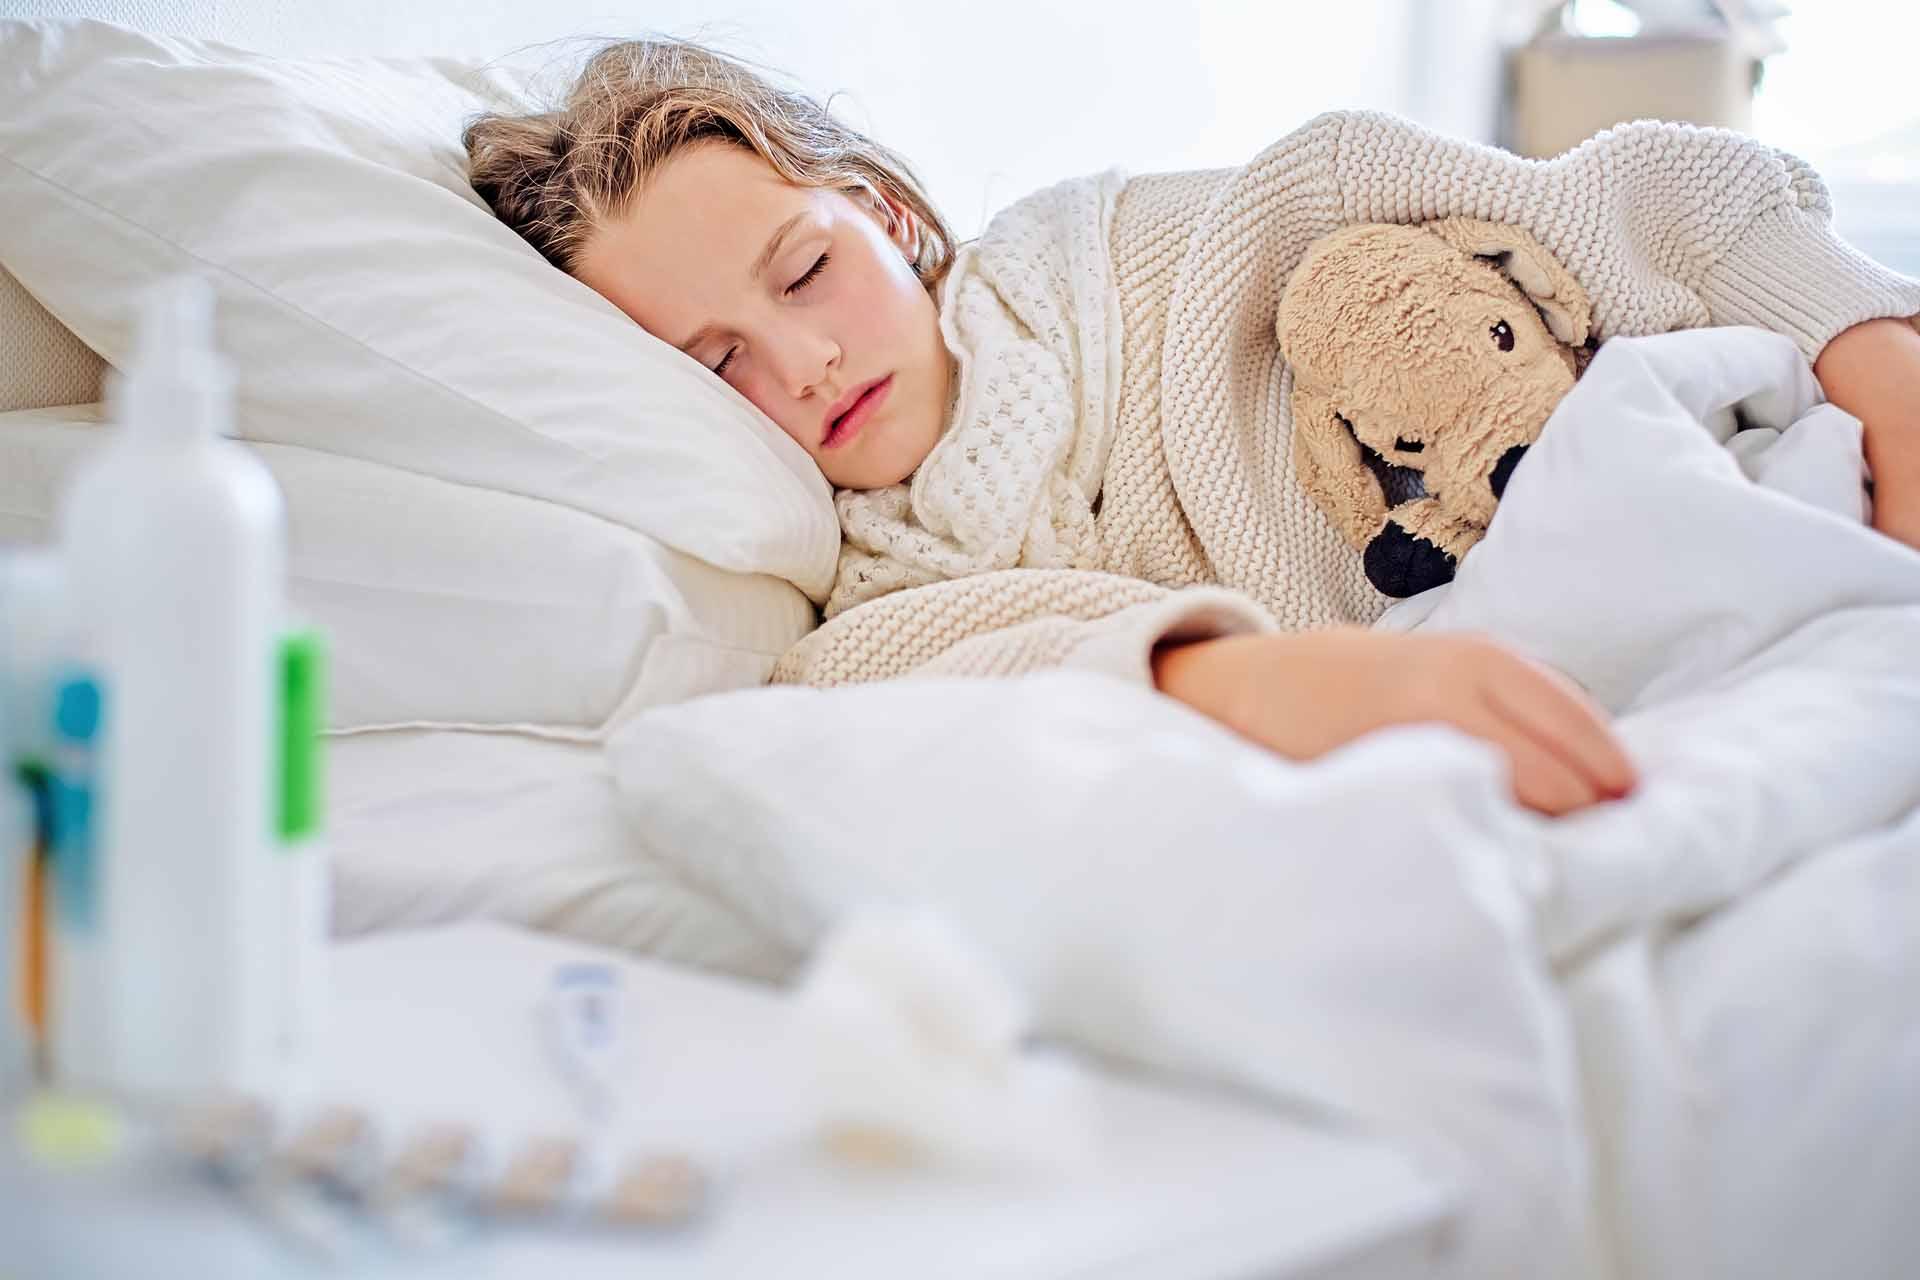 Symbolfoto: Längere Anspruchsdauer für Kinderkrankengeld wegen Corona